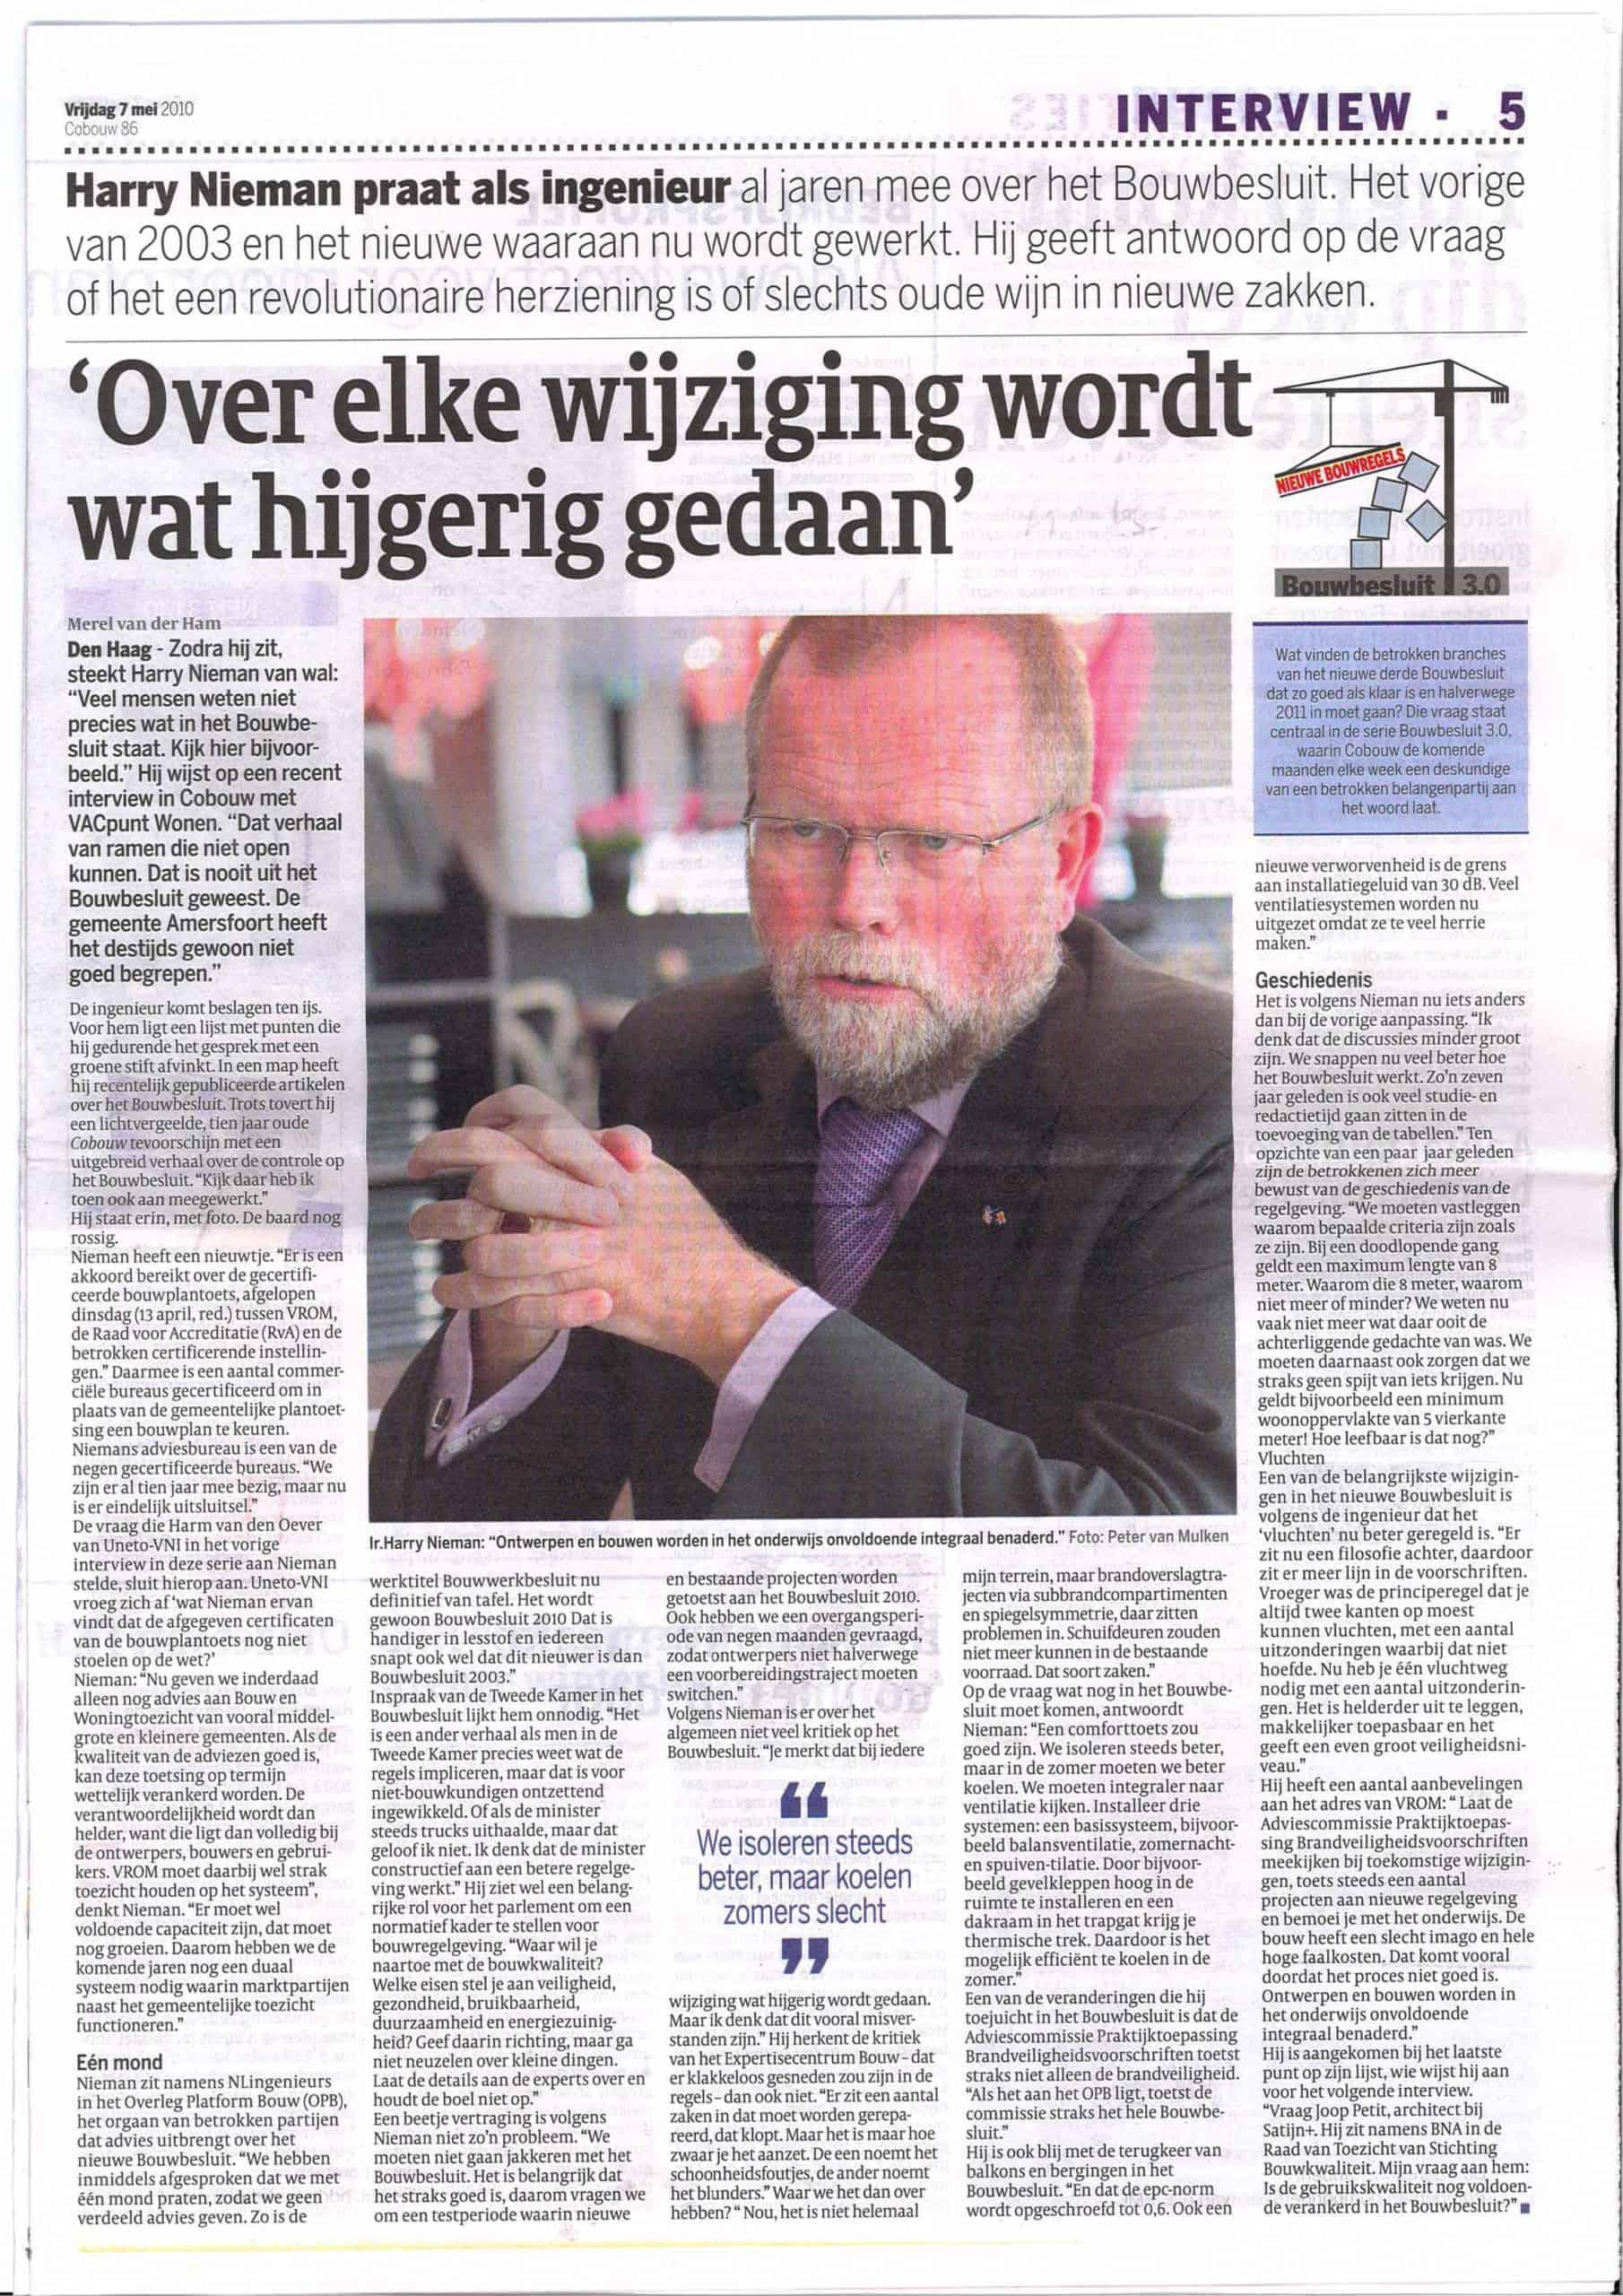 Cobouw-2010-05-07_Interview_HarryNieman_Bouwbesluit_2010-1-scaled